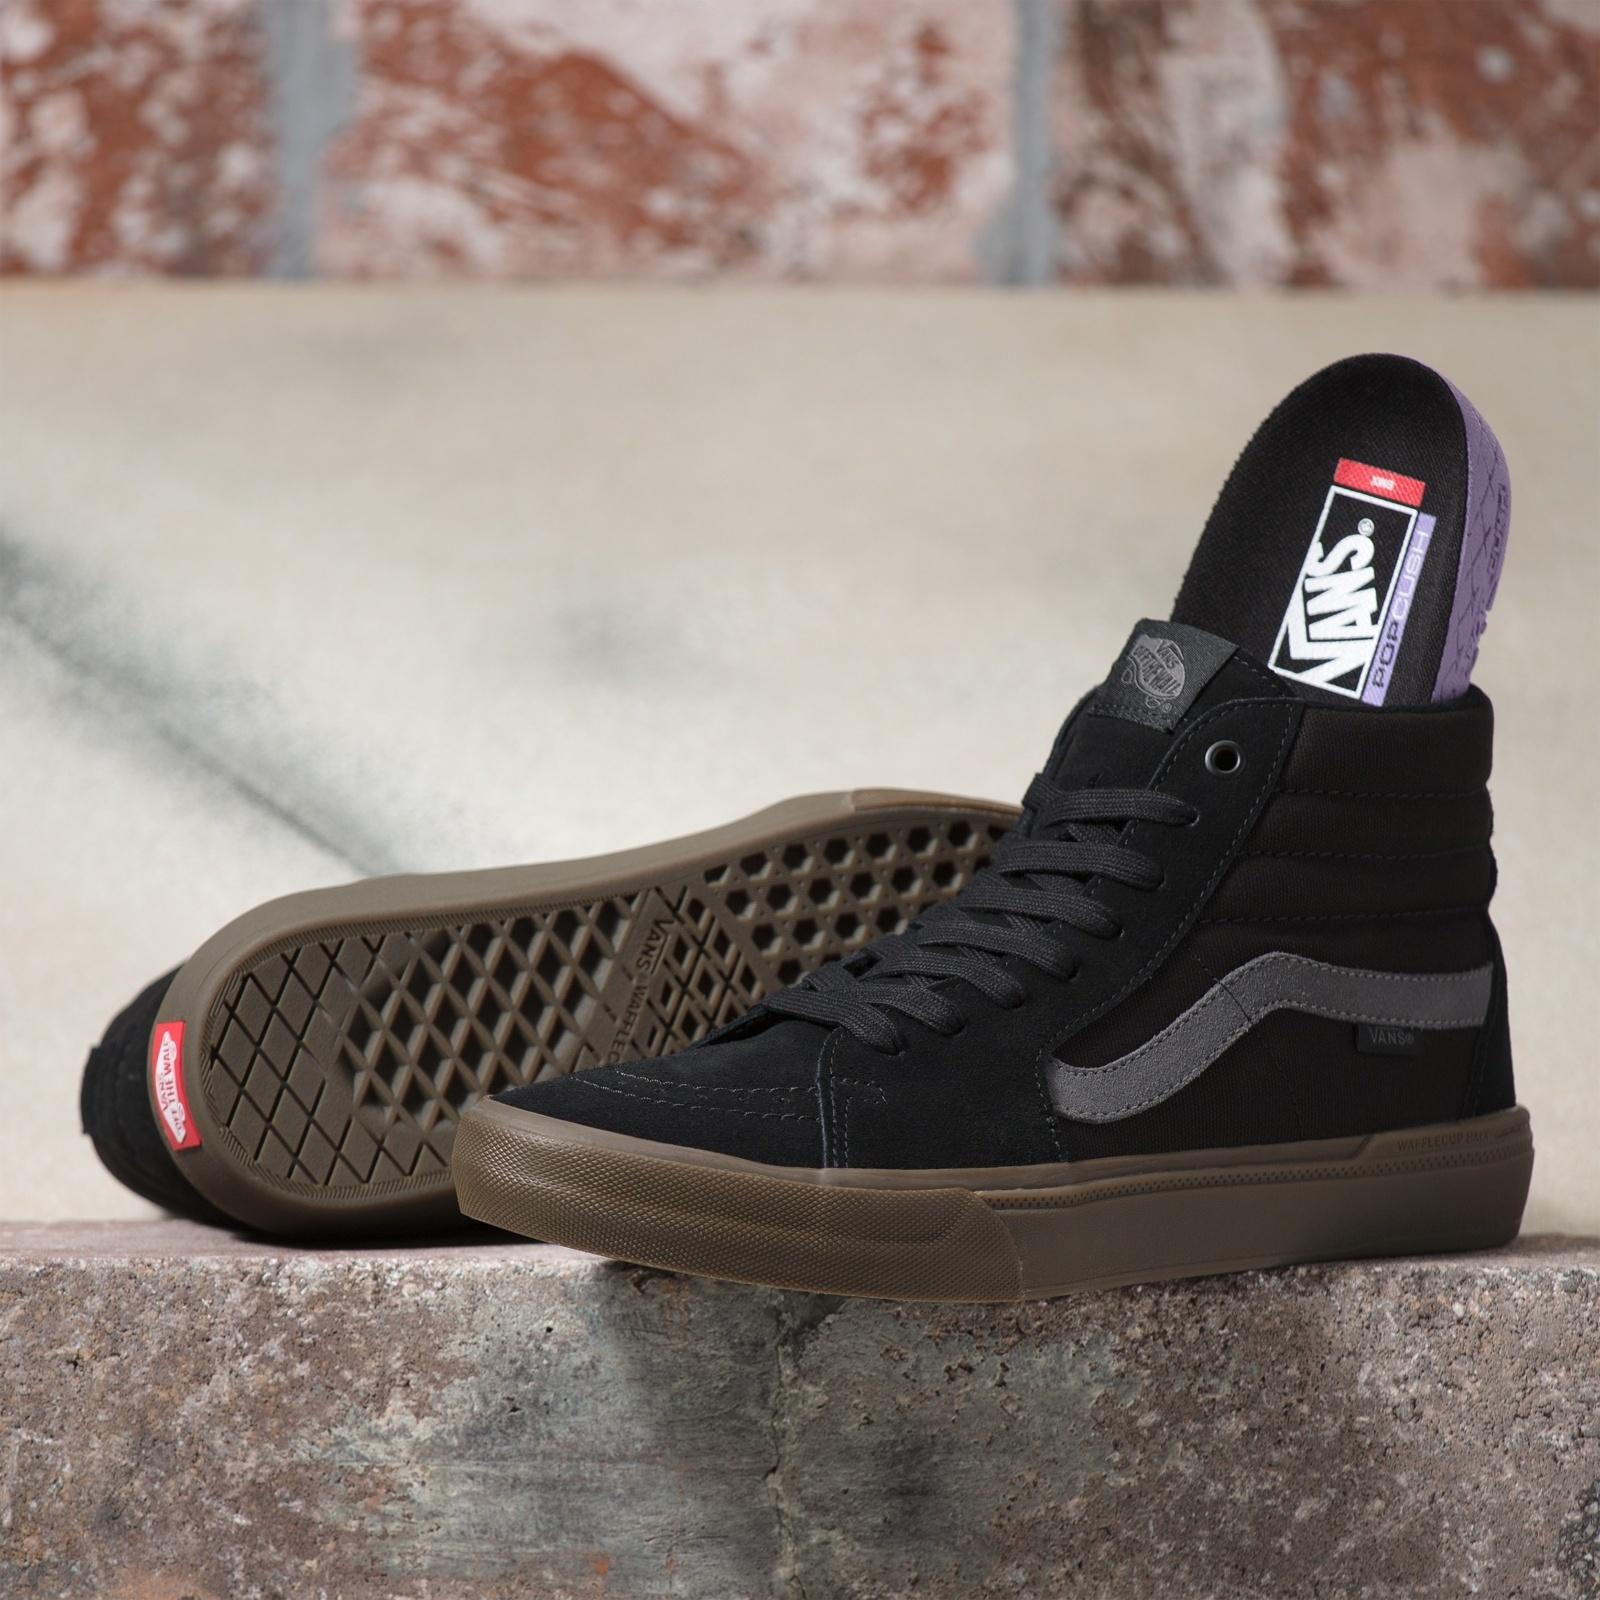 Vans BMX Sk8-Hi Shoe